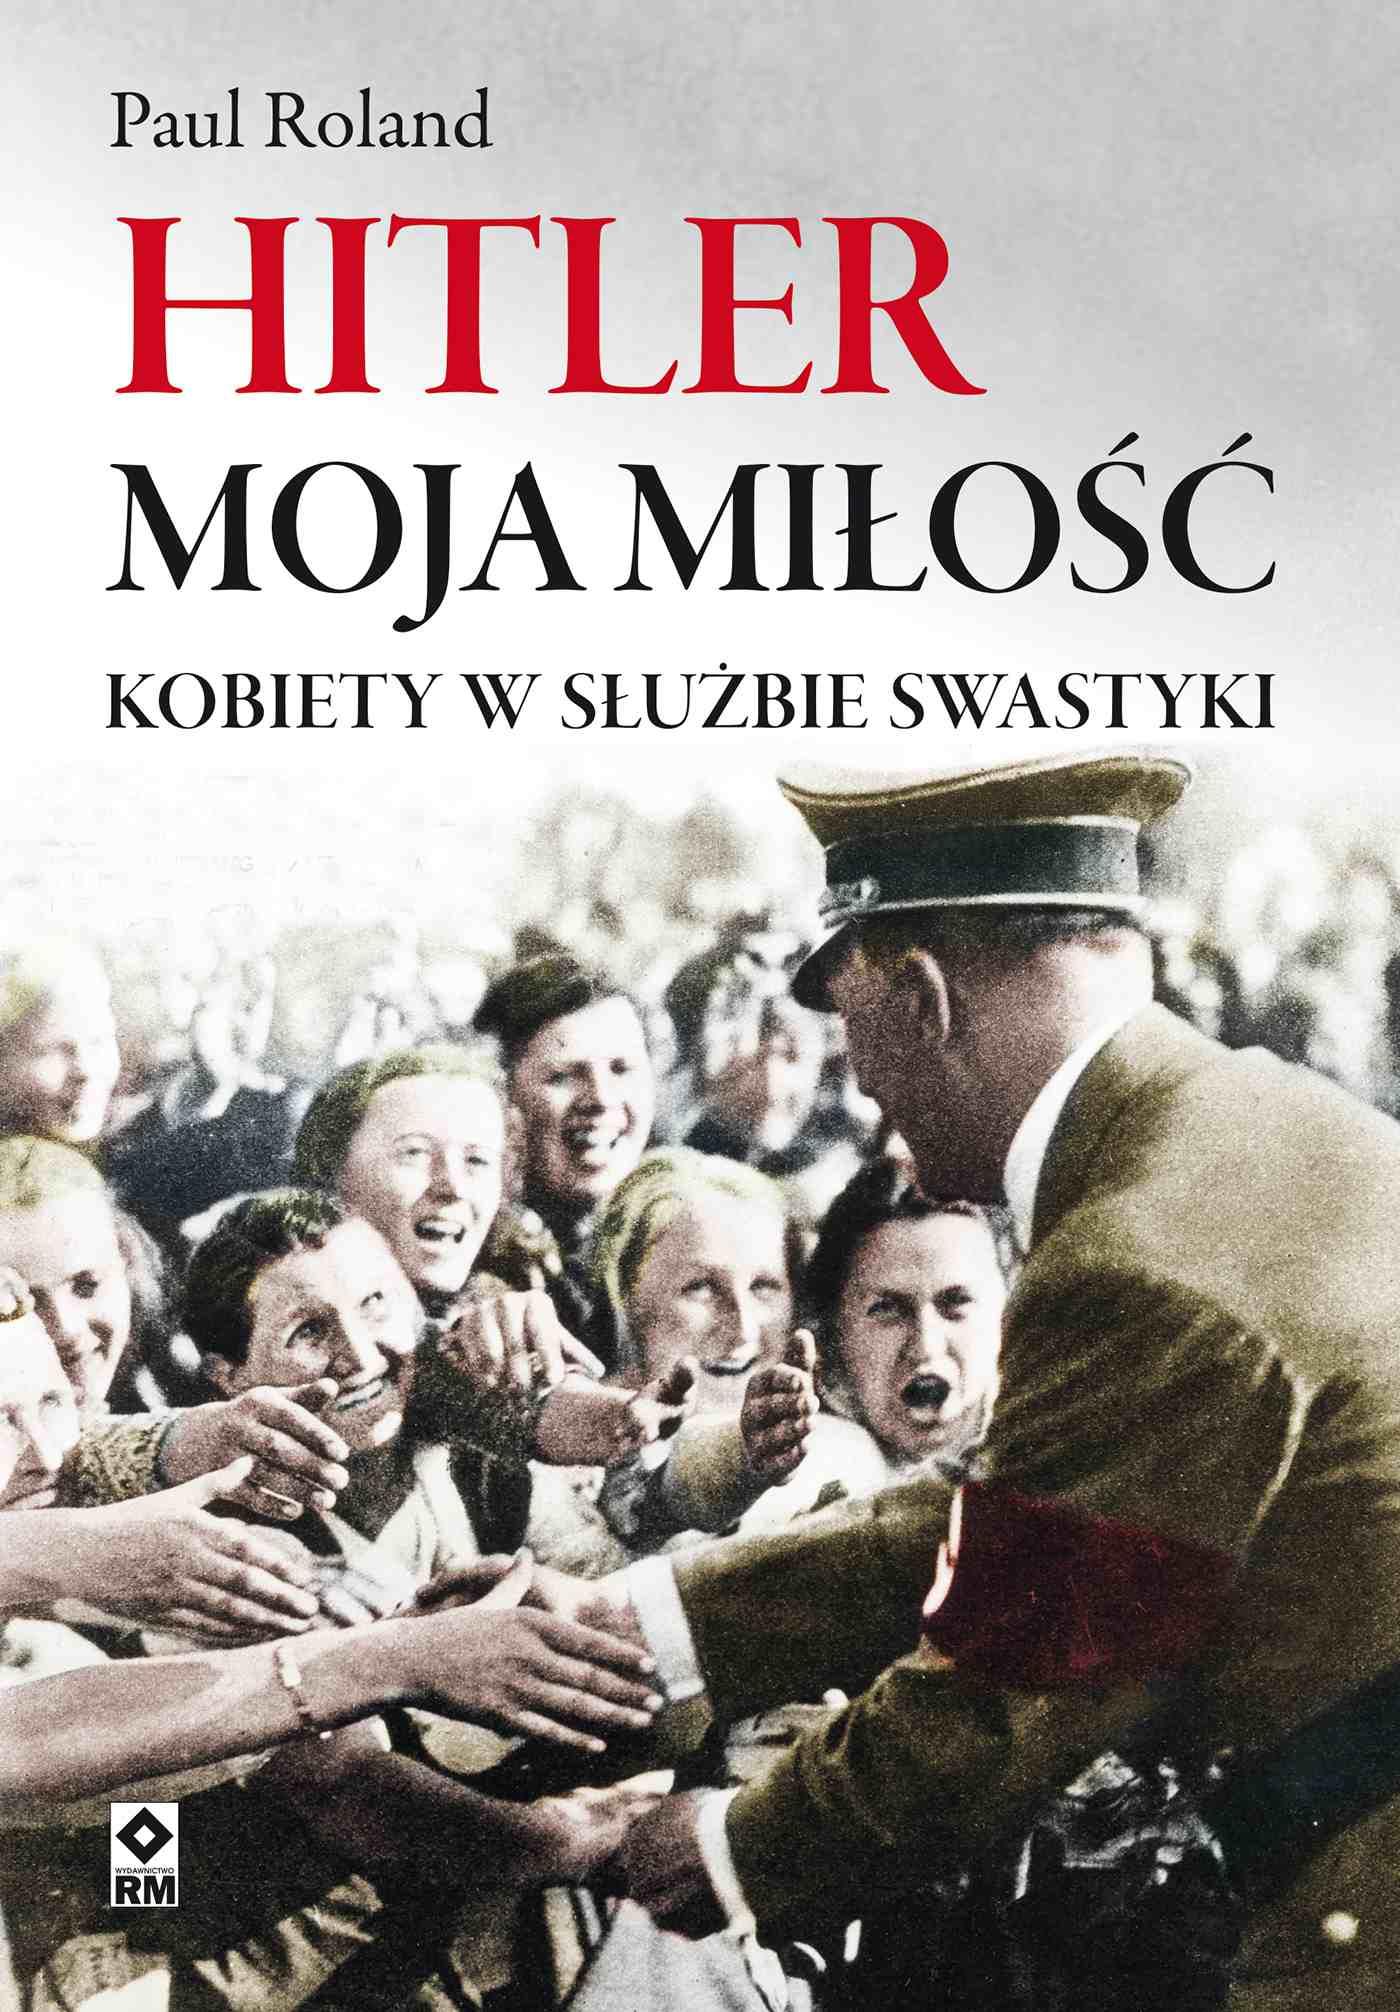 Hitler moja miłość. Kobiety wsłużbie swastyki - Ebook (Książka na Kindle) do pobrania w formacie MOBI